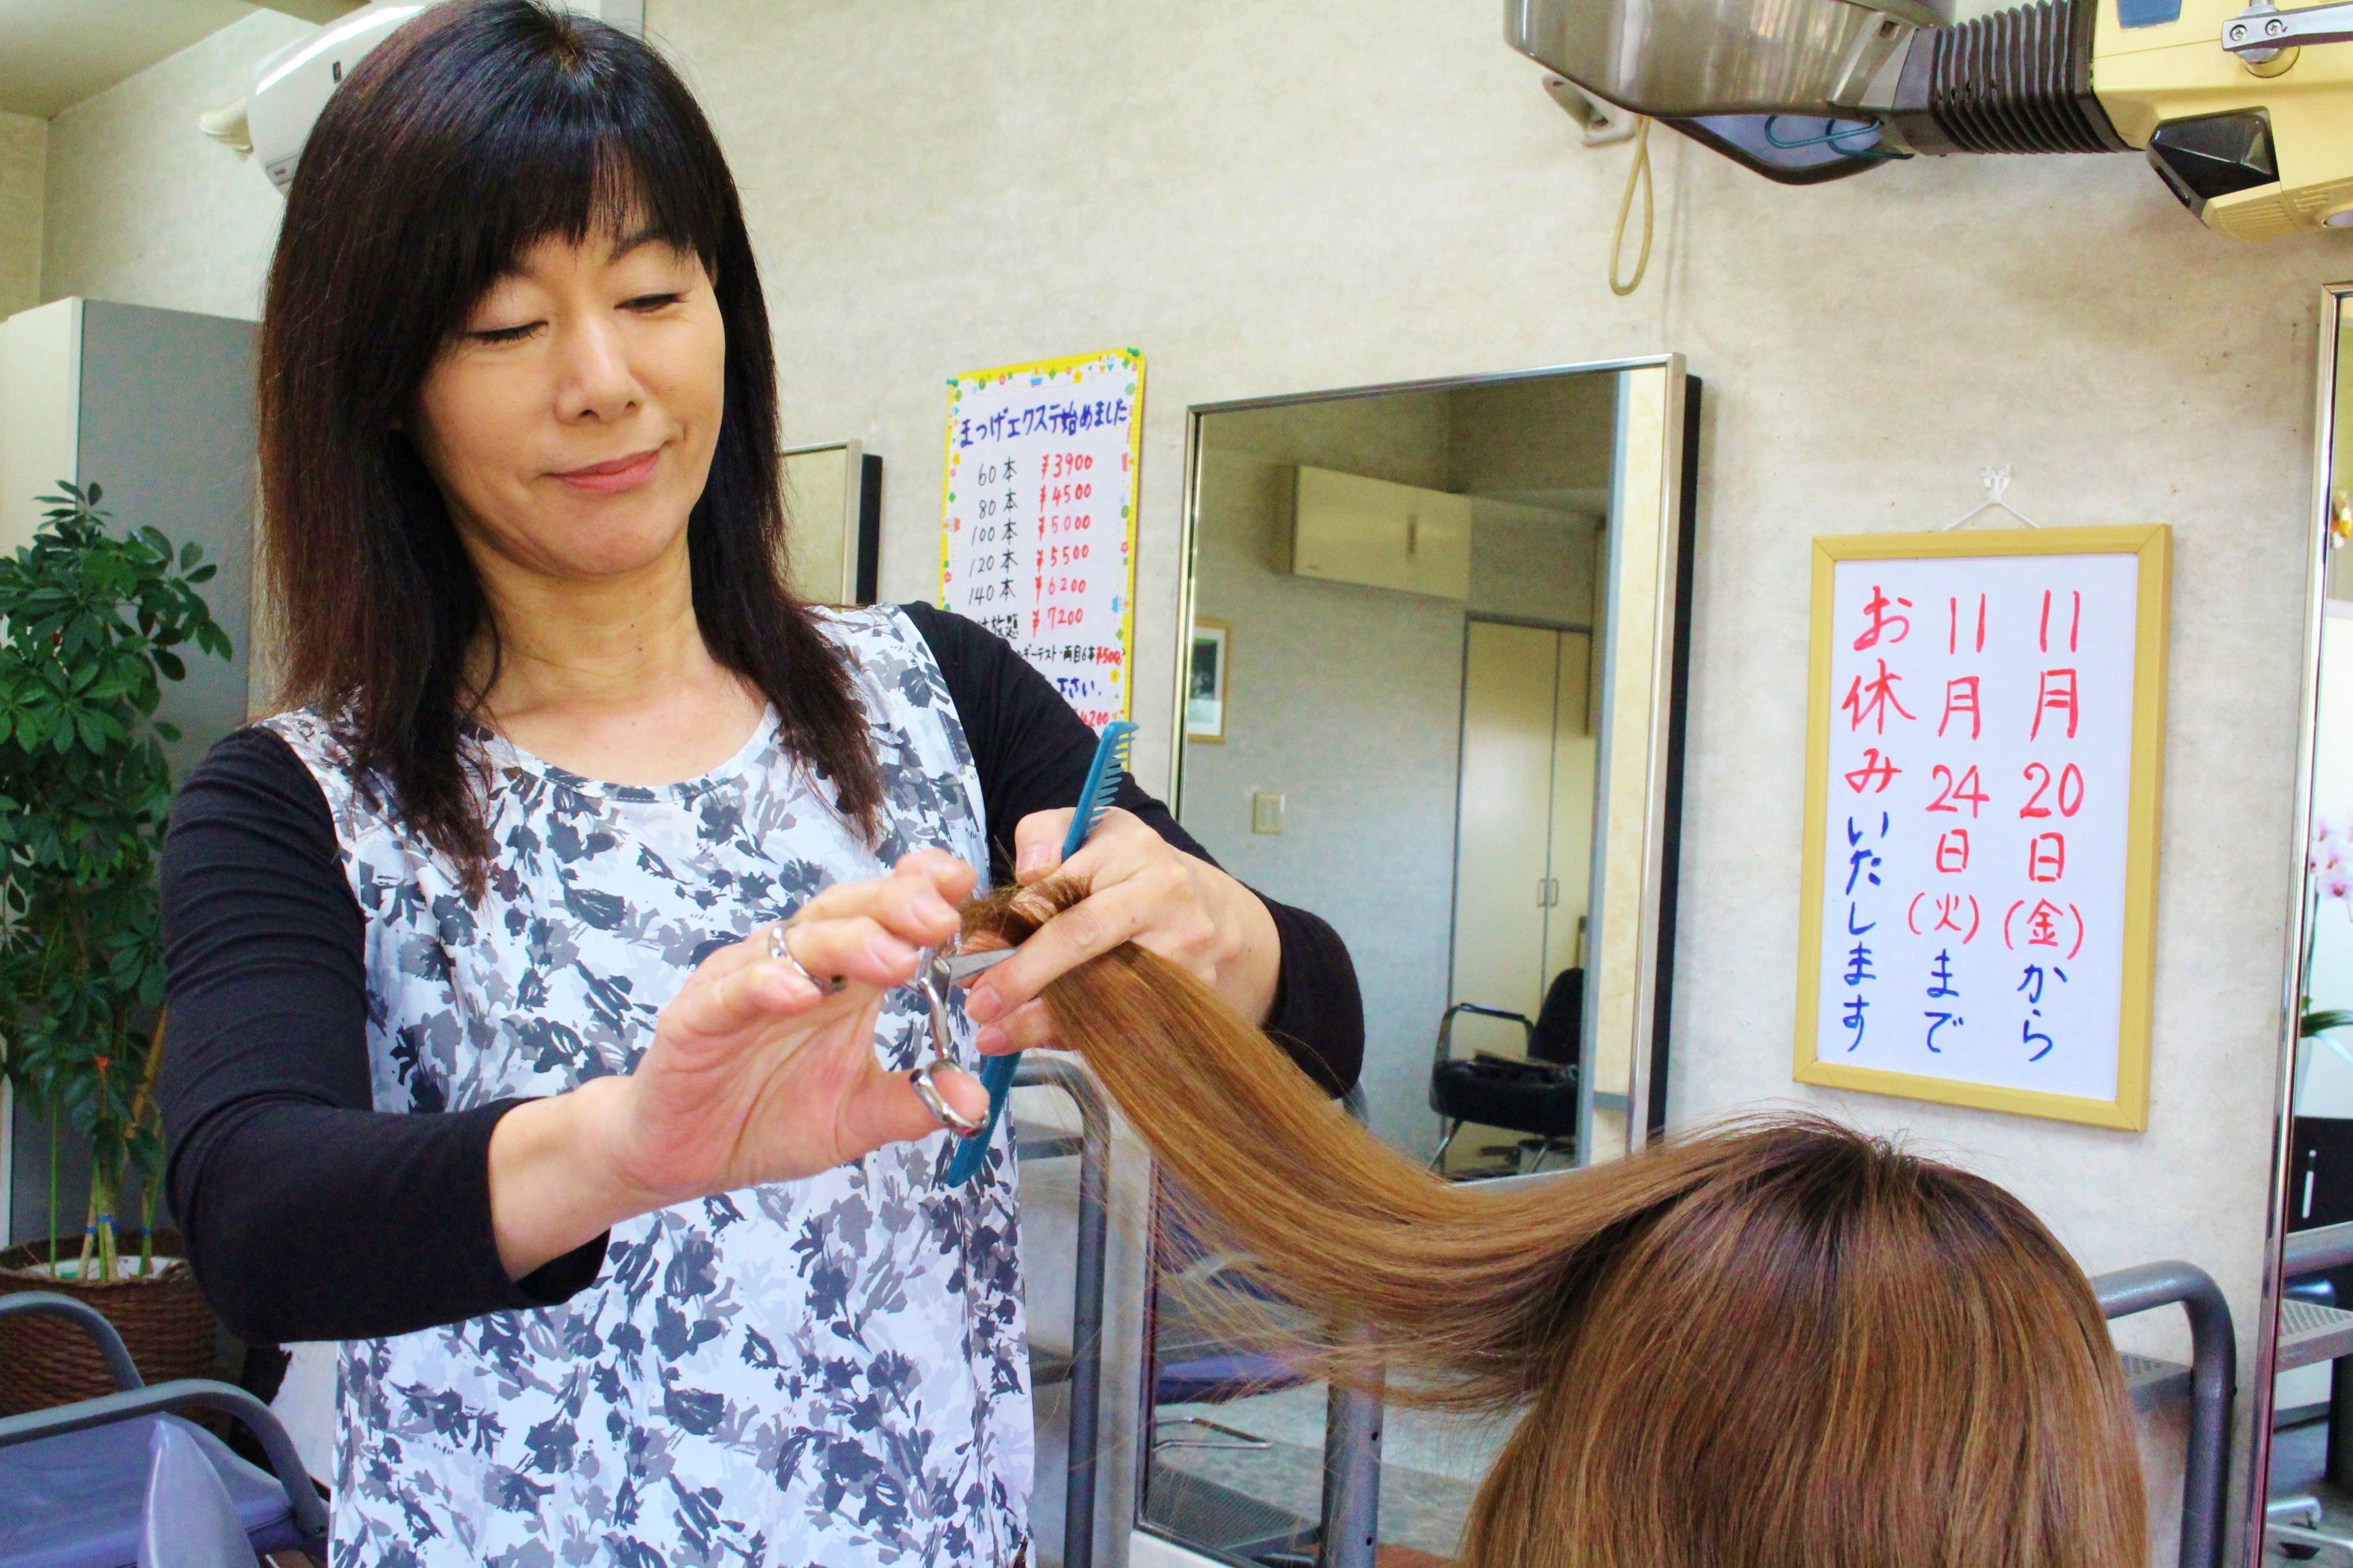 一般的なヘアカラーから白髪染めに適した髪が痛みにくいヘアカラーまで様々!